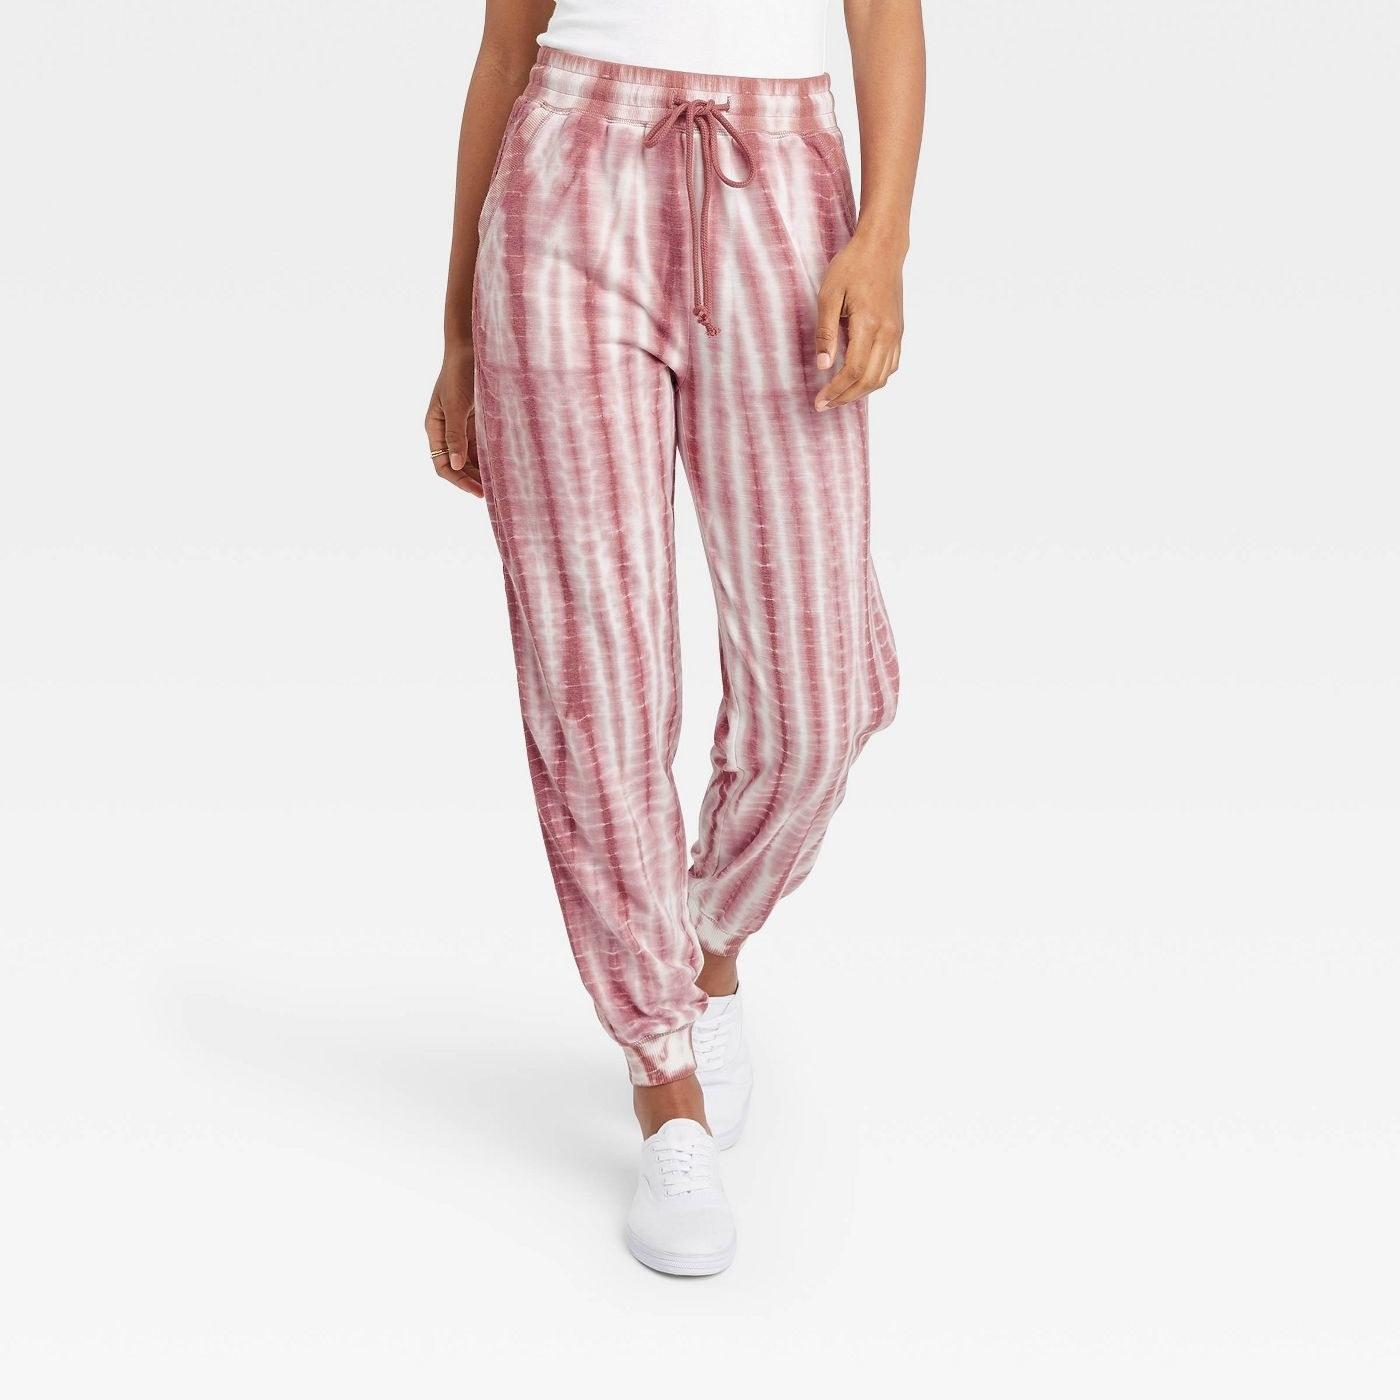 Model in tie dye jogger pants